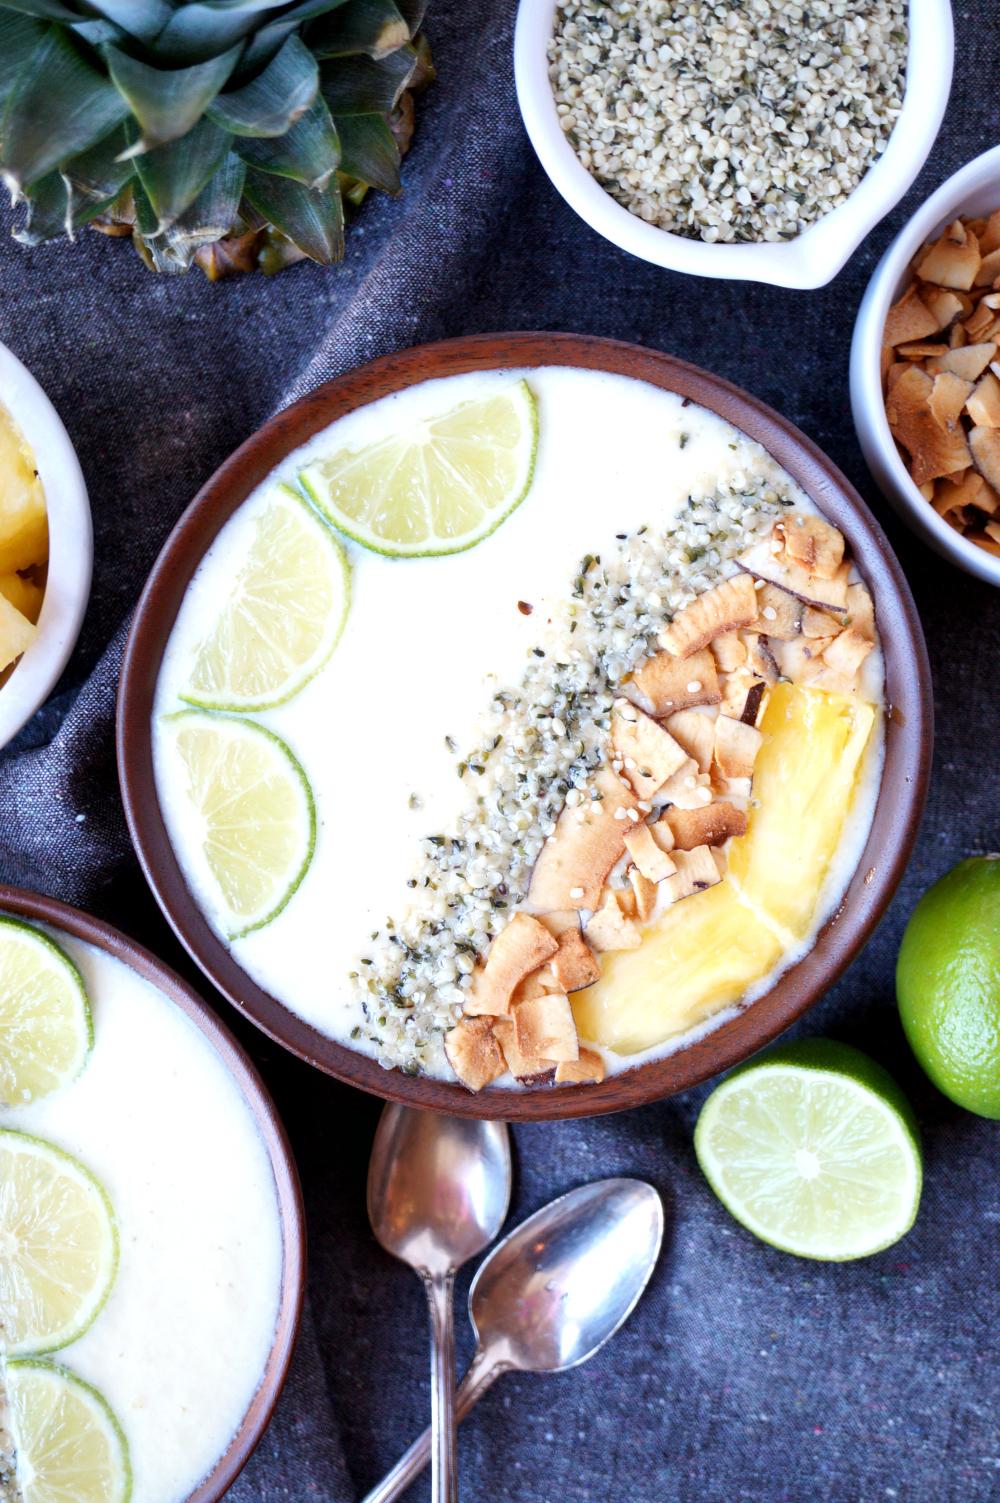 piña colada smoothie bowls | The Baking Fairy